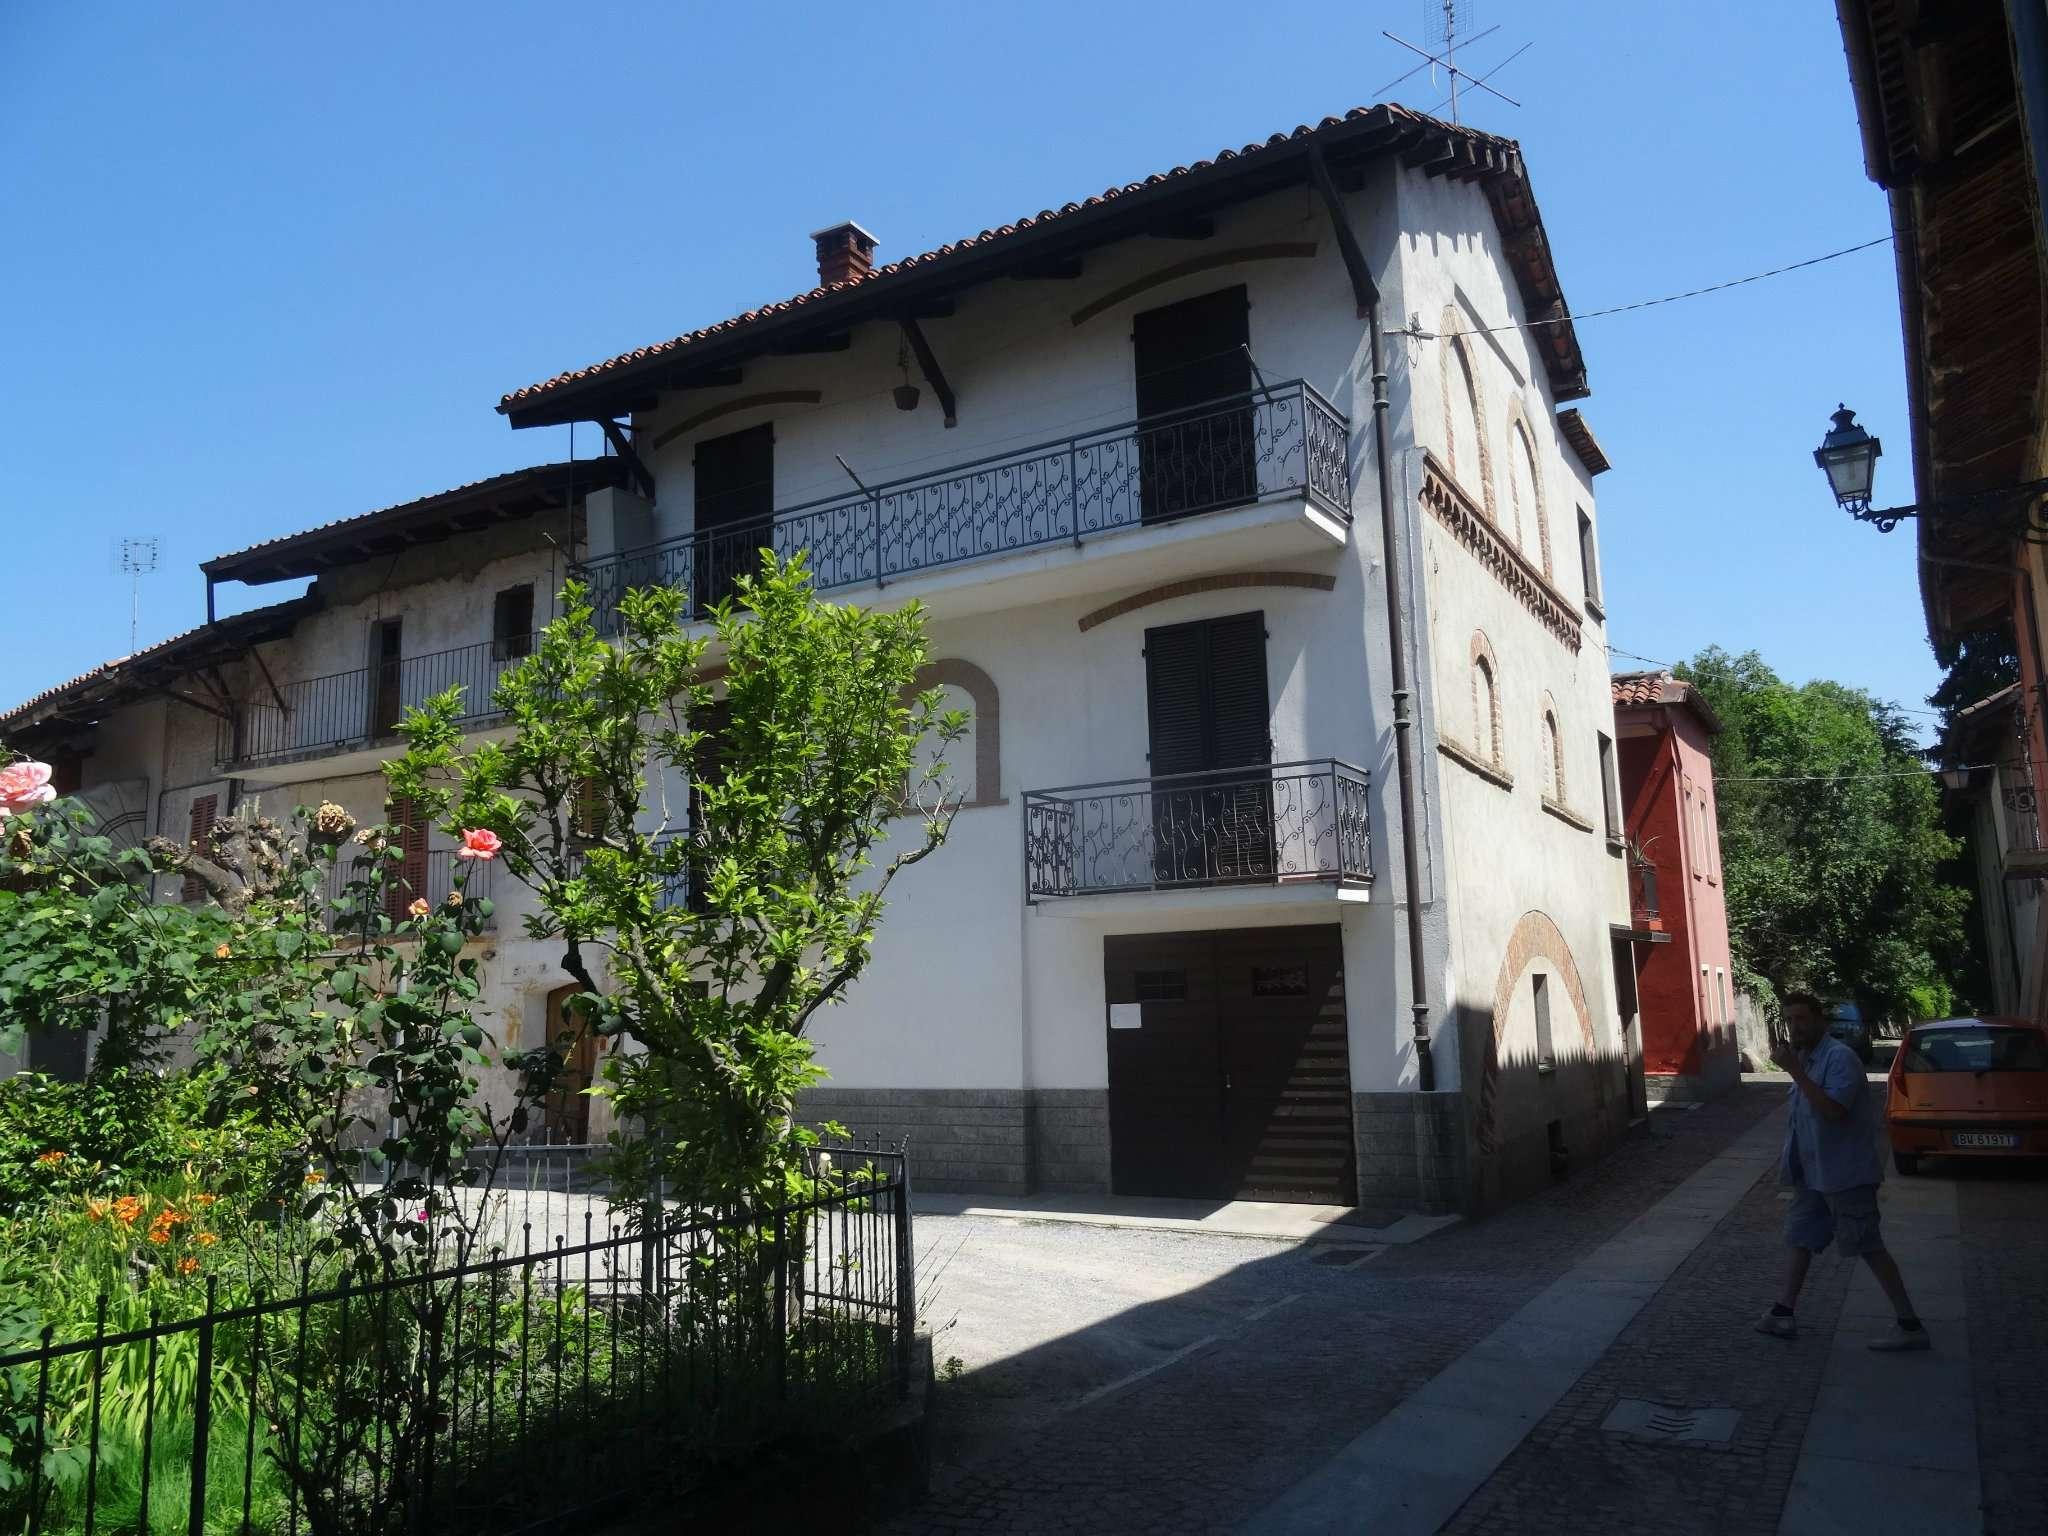 Soluzione Indipendente in vendita a Rocca de' Baldi, 8 locali, prezzo € 88.000 | Cambio Casa.it